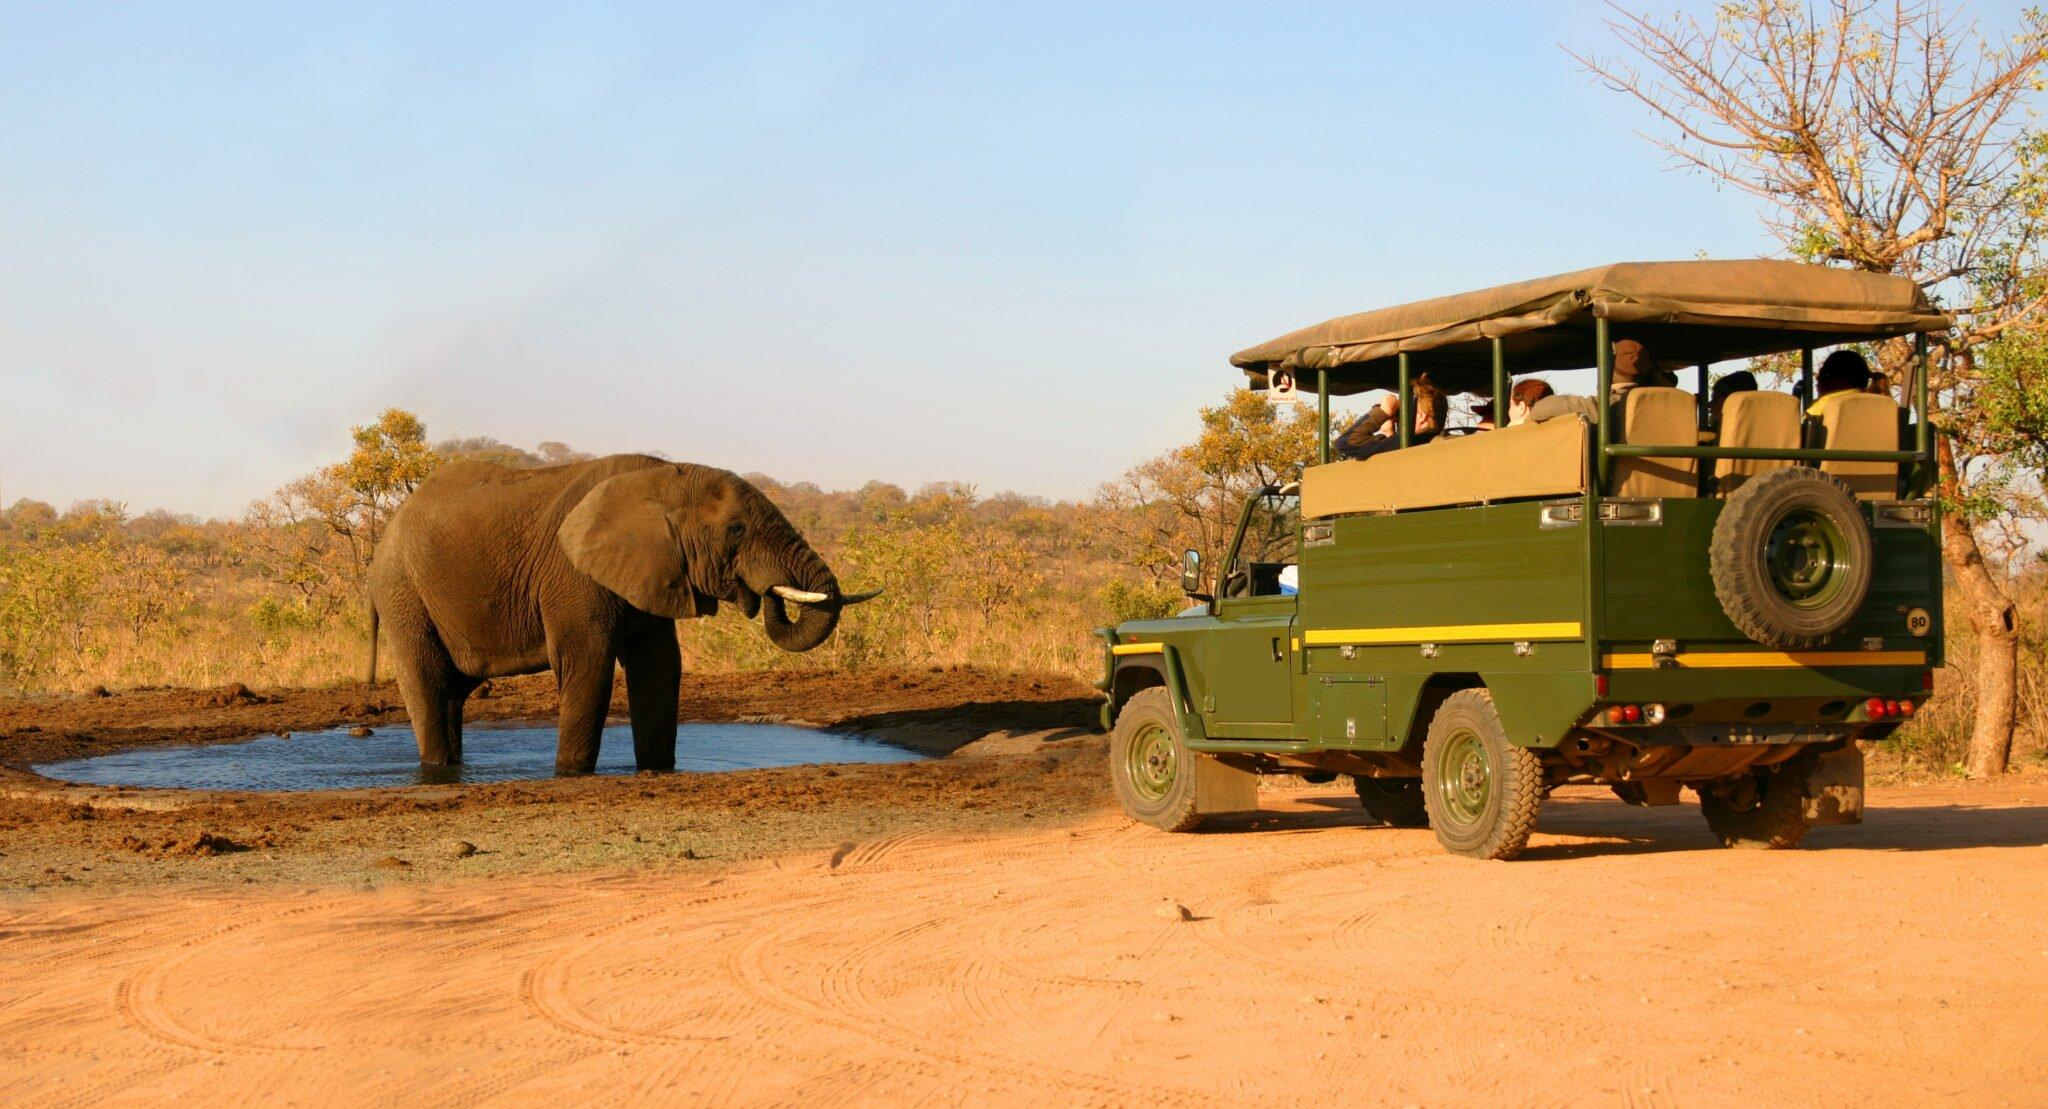 Elephant and safari jeep